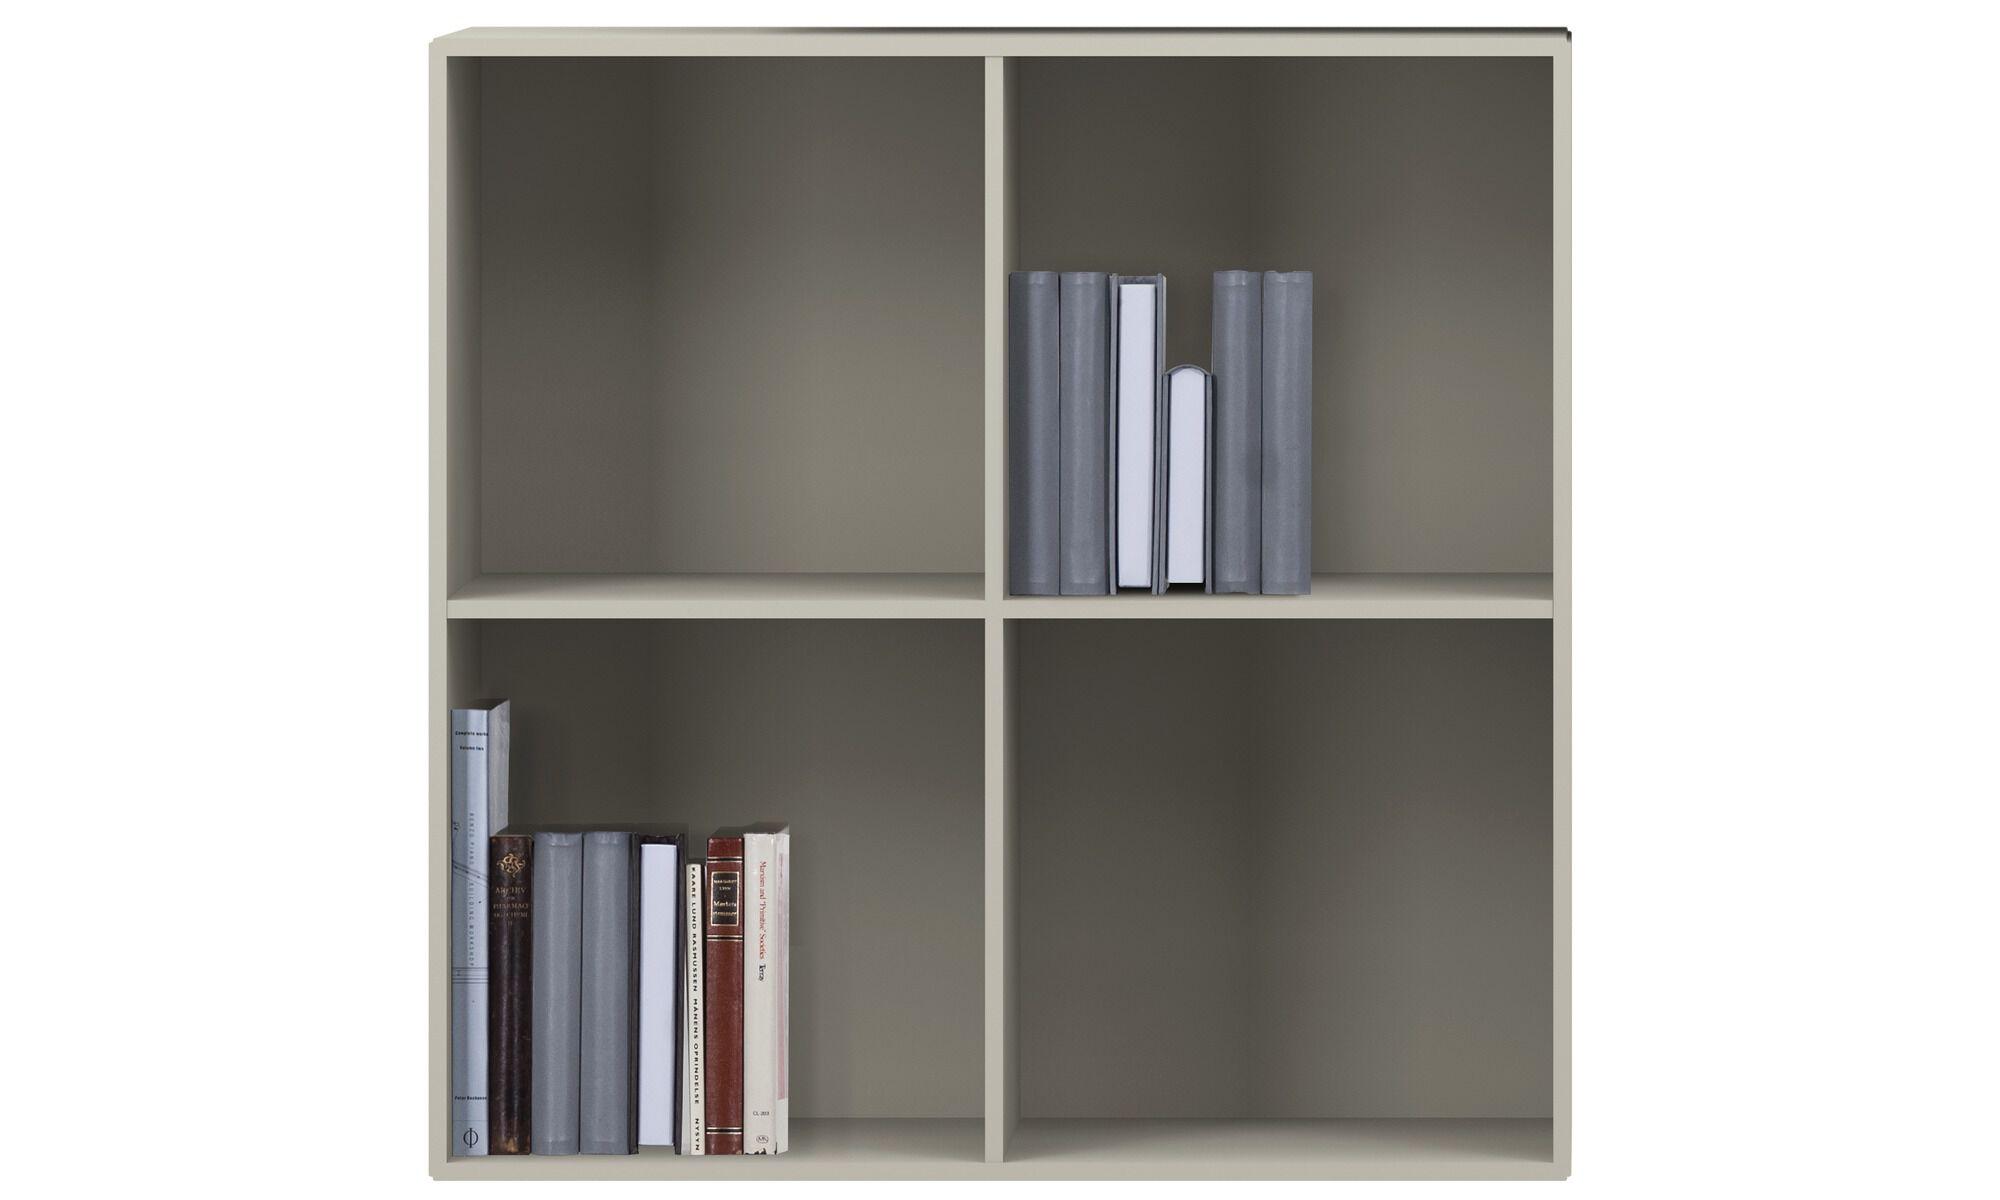 Delightful Bookcases U0026 Shelves   Como Bookcase   Gray   Lacquered